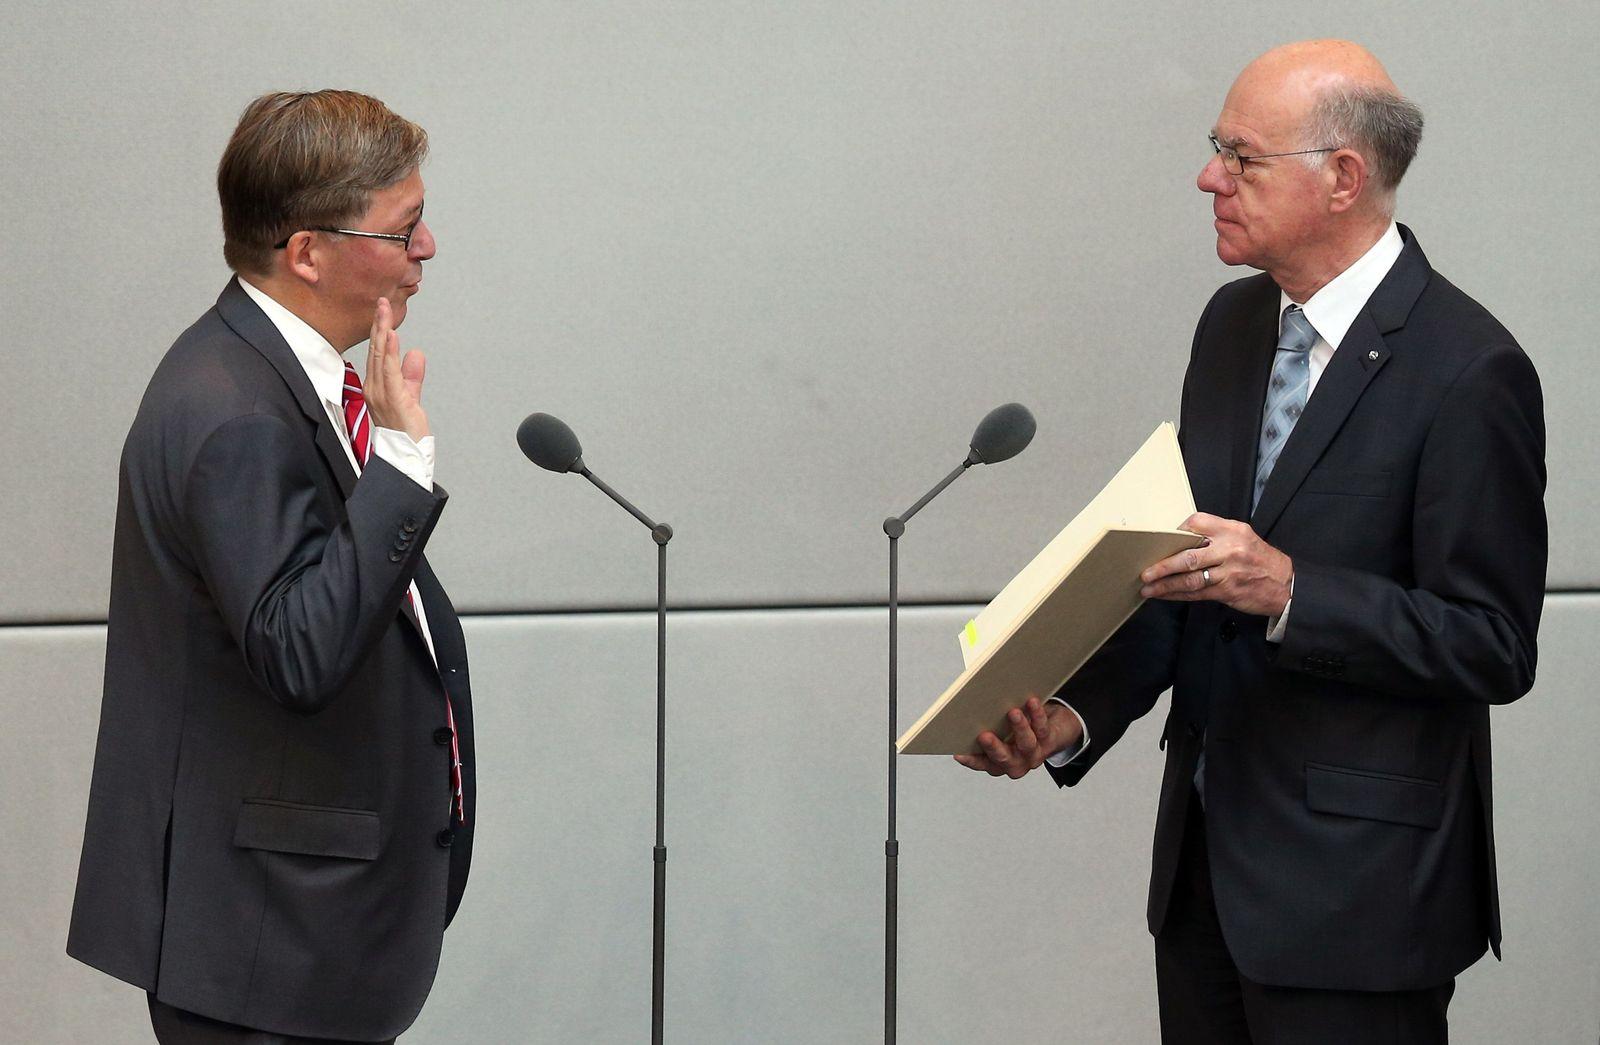 Bundestag - Vereidigung Wehrbeauftragter